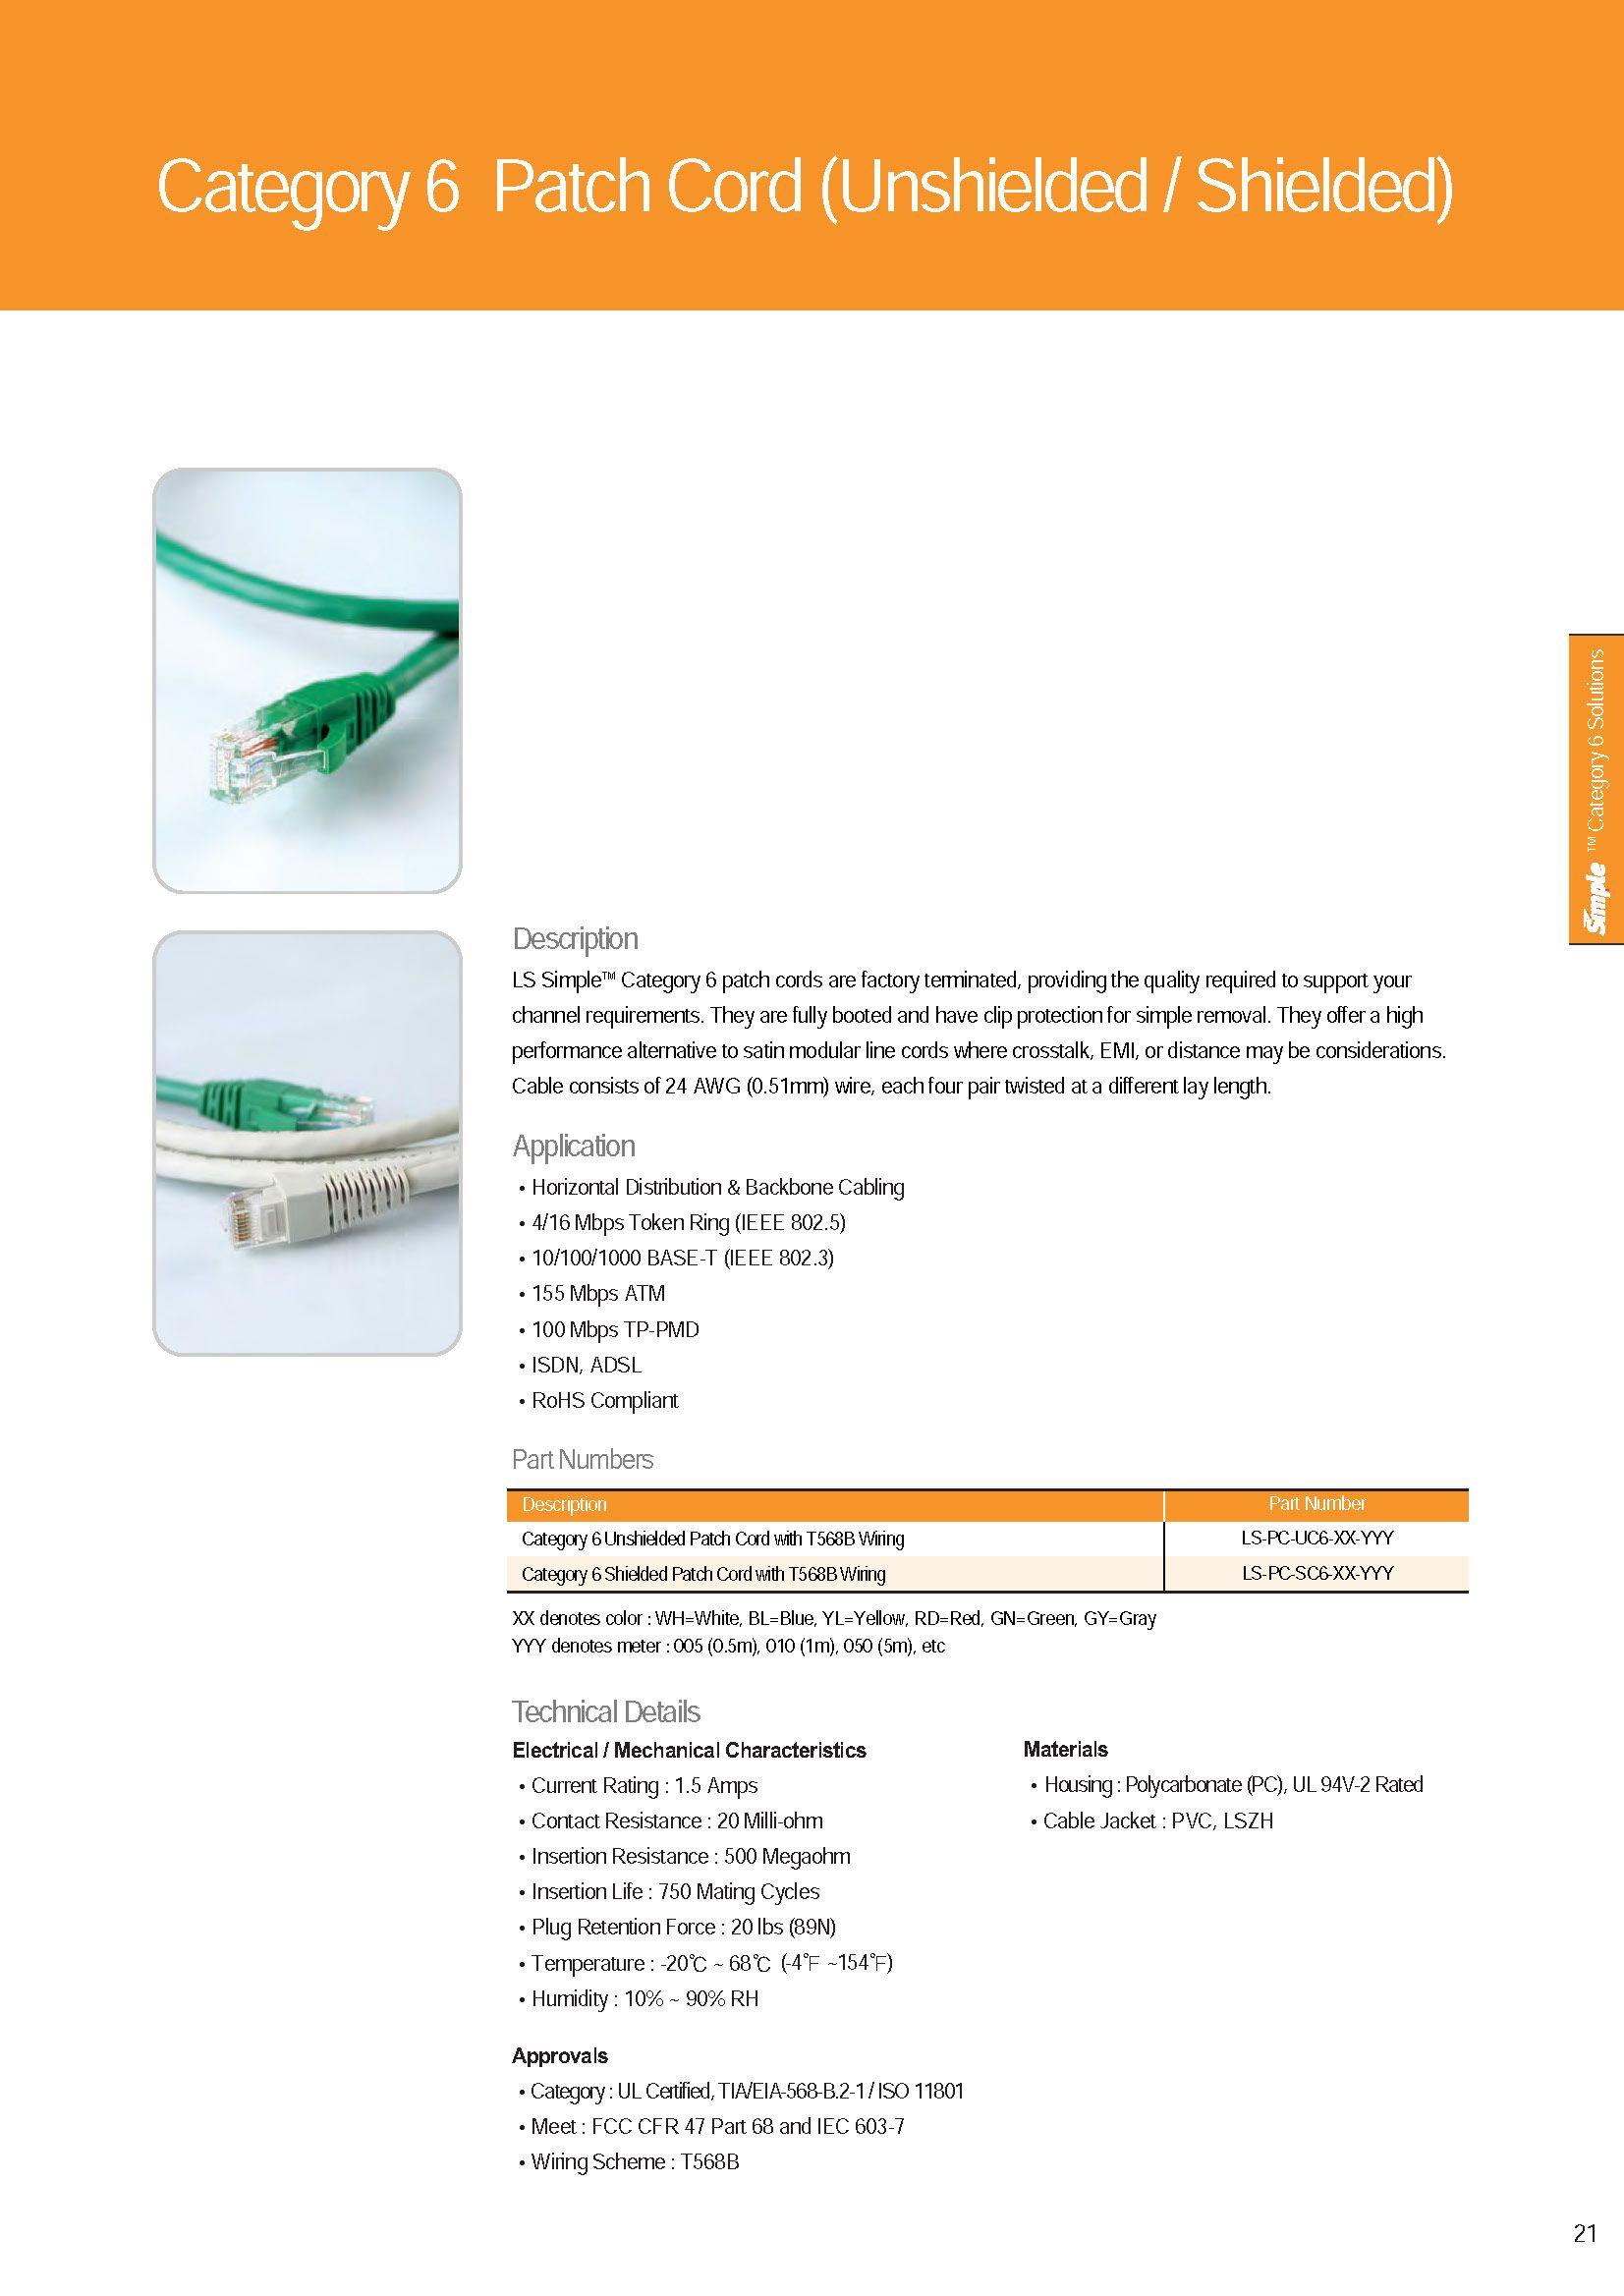 hight resolution of t568b wiring scheme